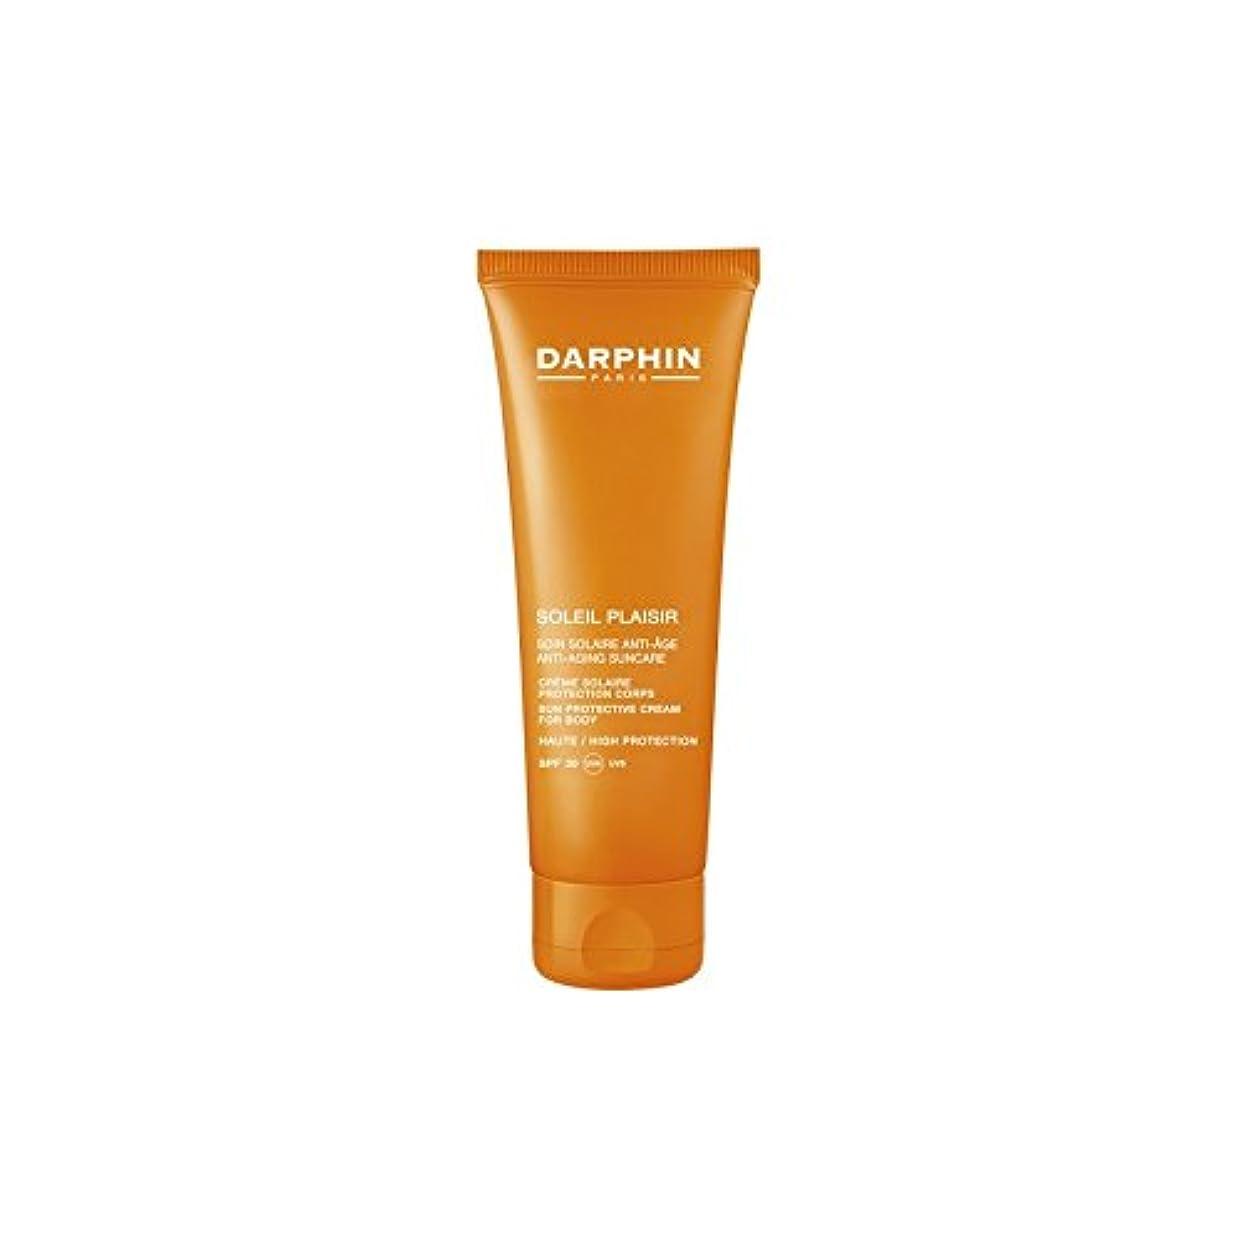 グレー絶望的な民兵ダルファンソレイユプレジールボディクリーム x2 - Darphin Soleil Plaisir Body Cream (Pack of 2) [並行輸入品]